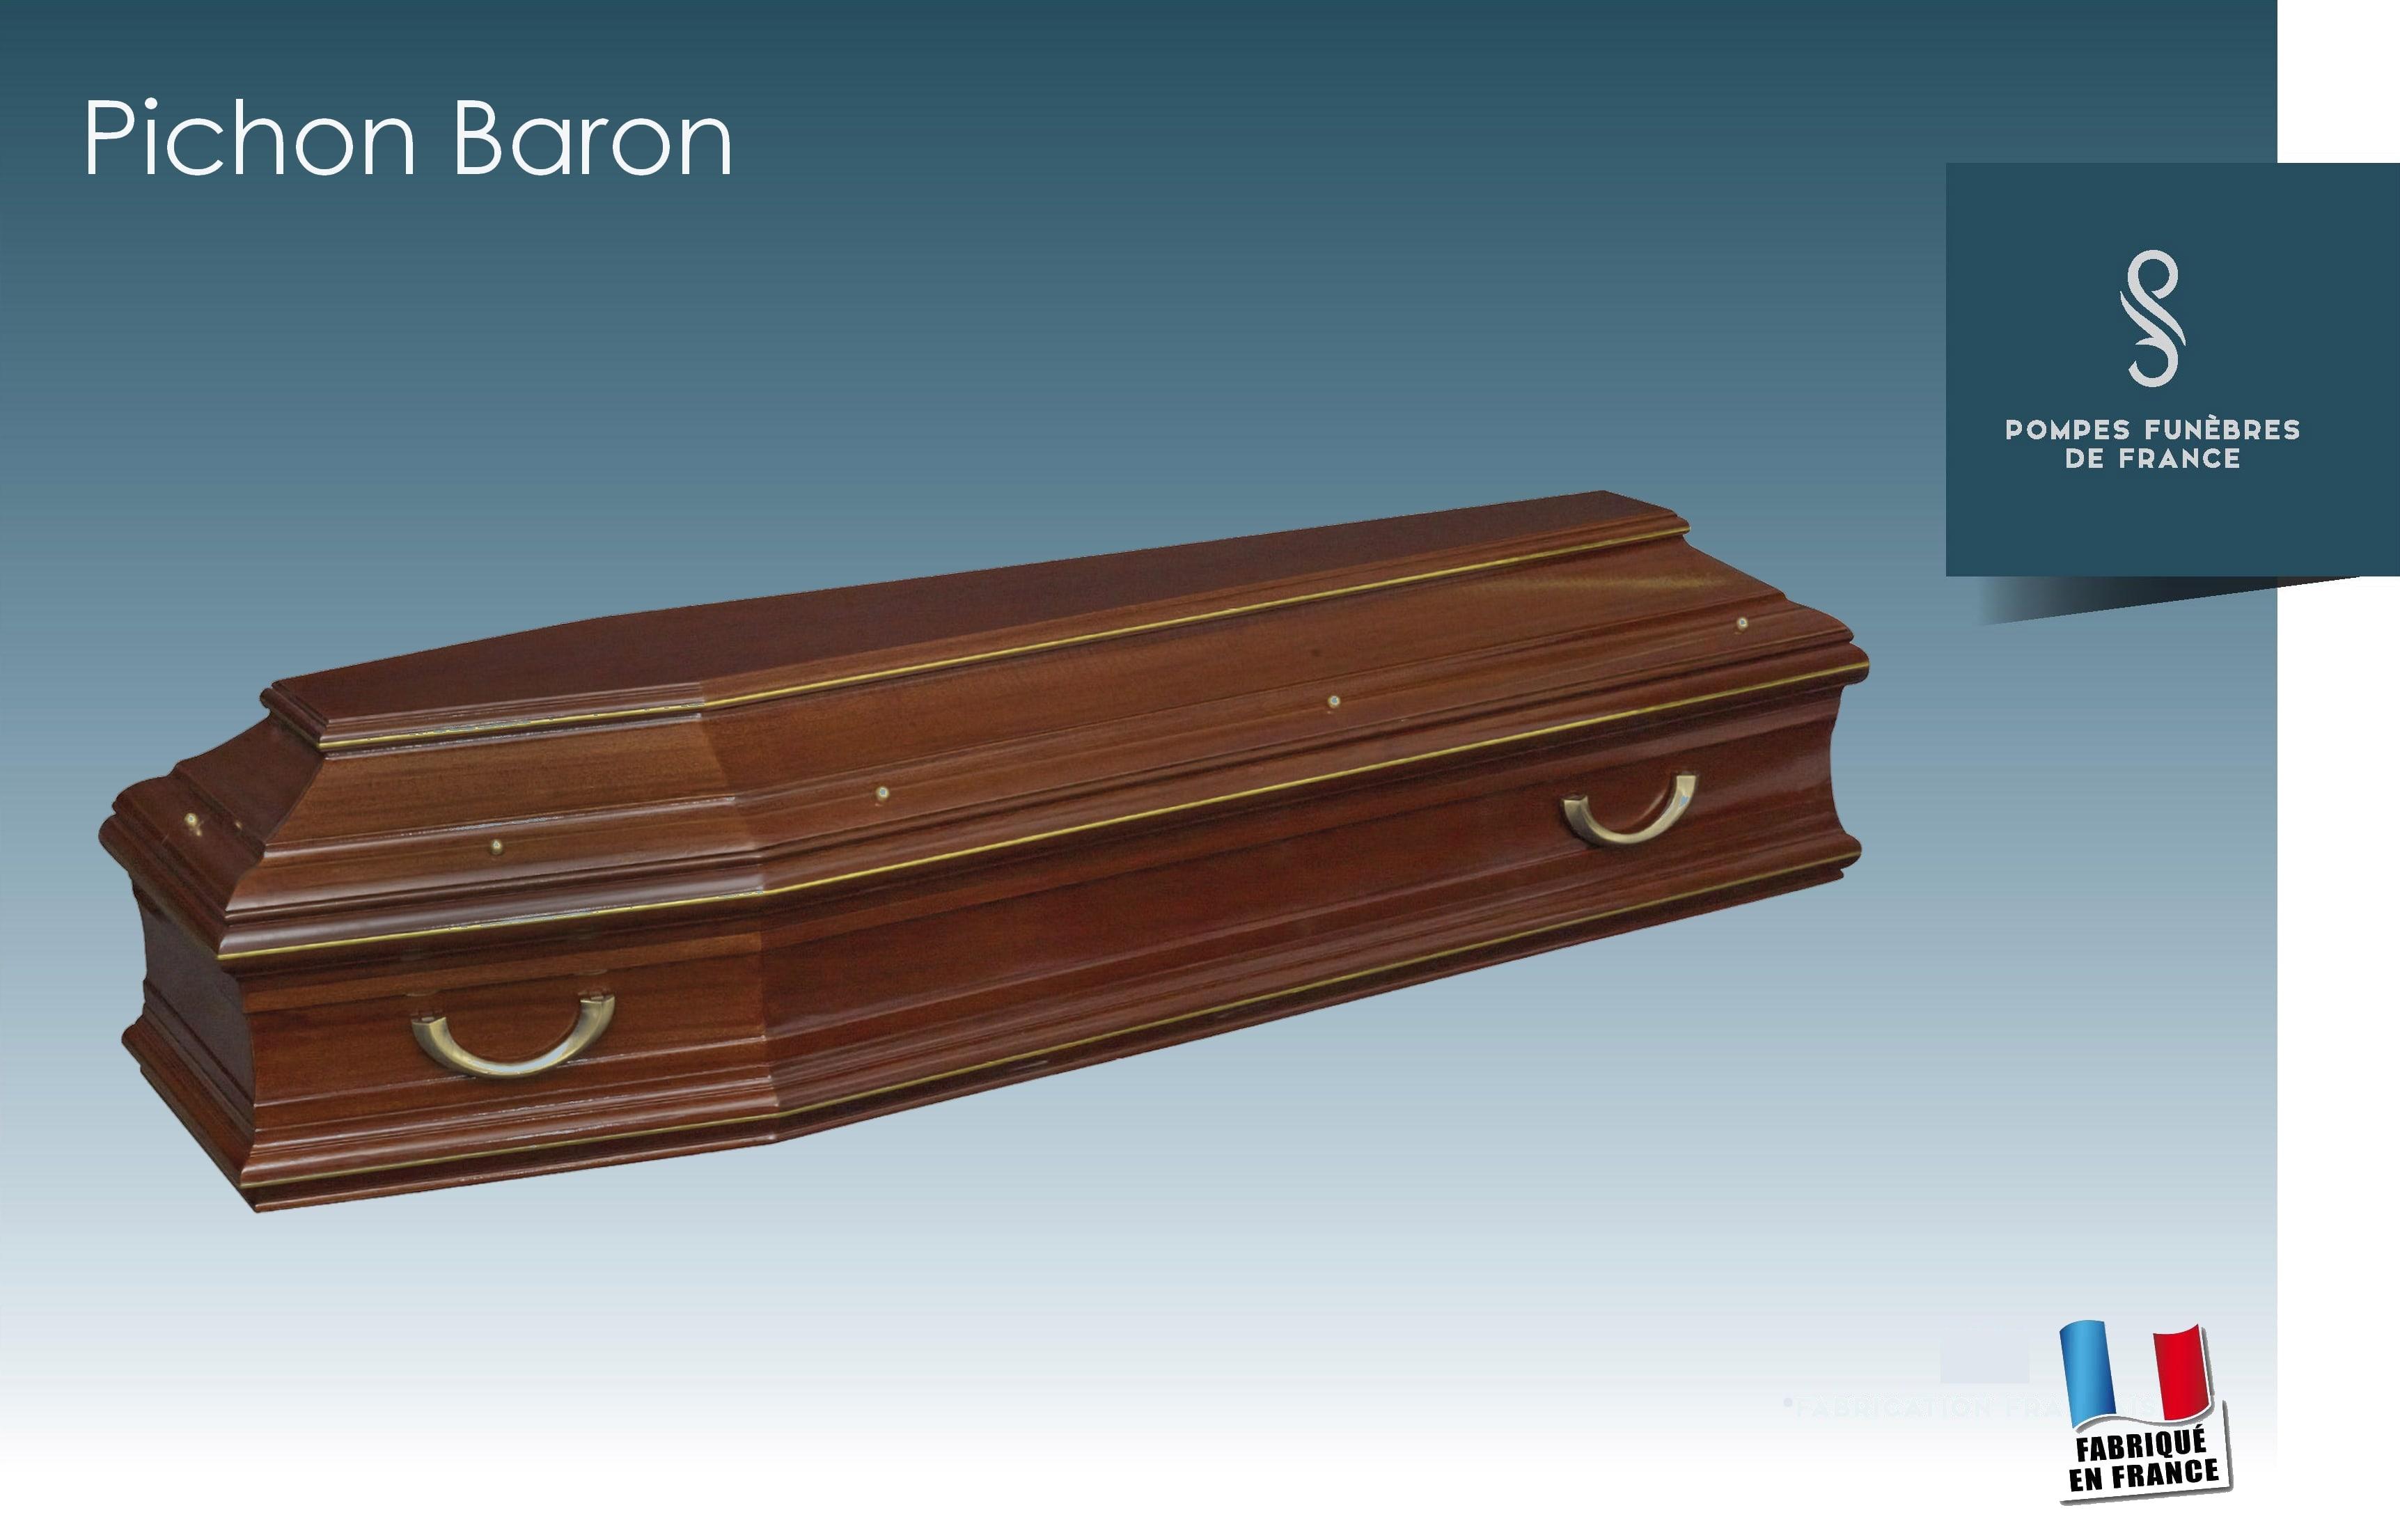 Cercueil Pichon Baron